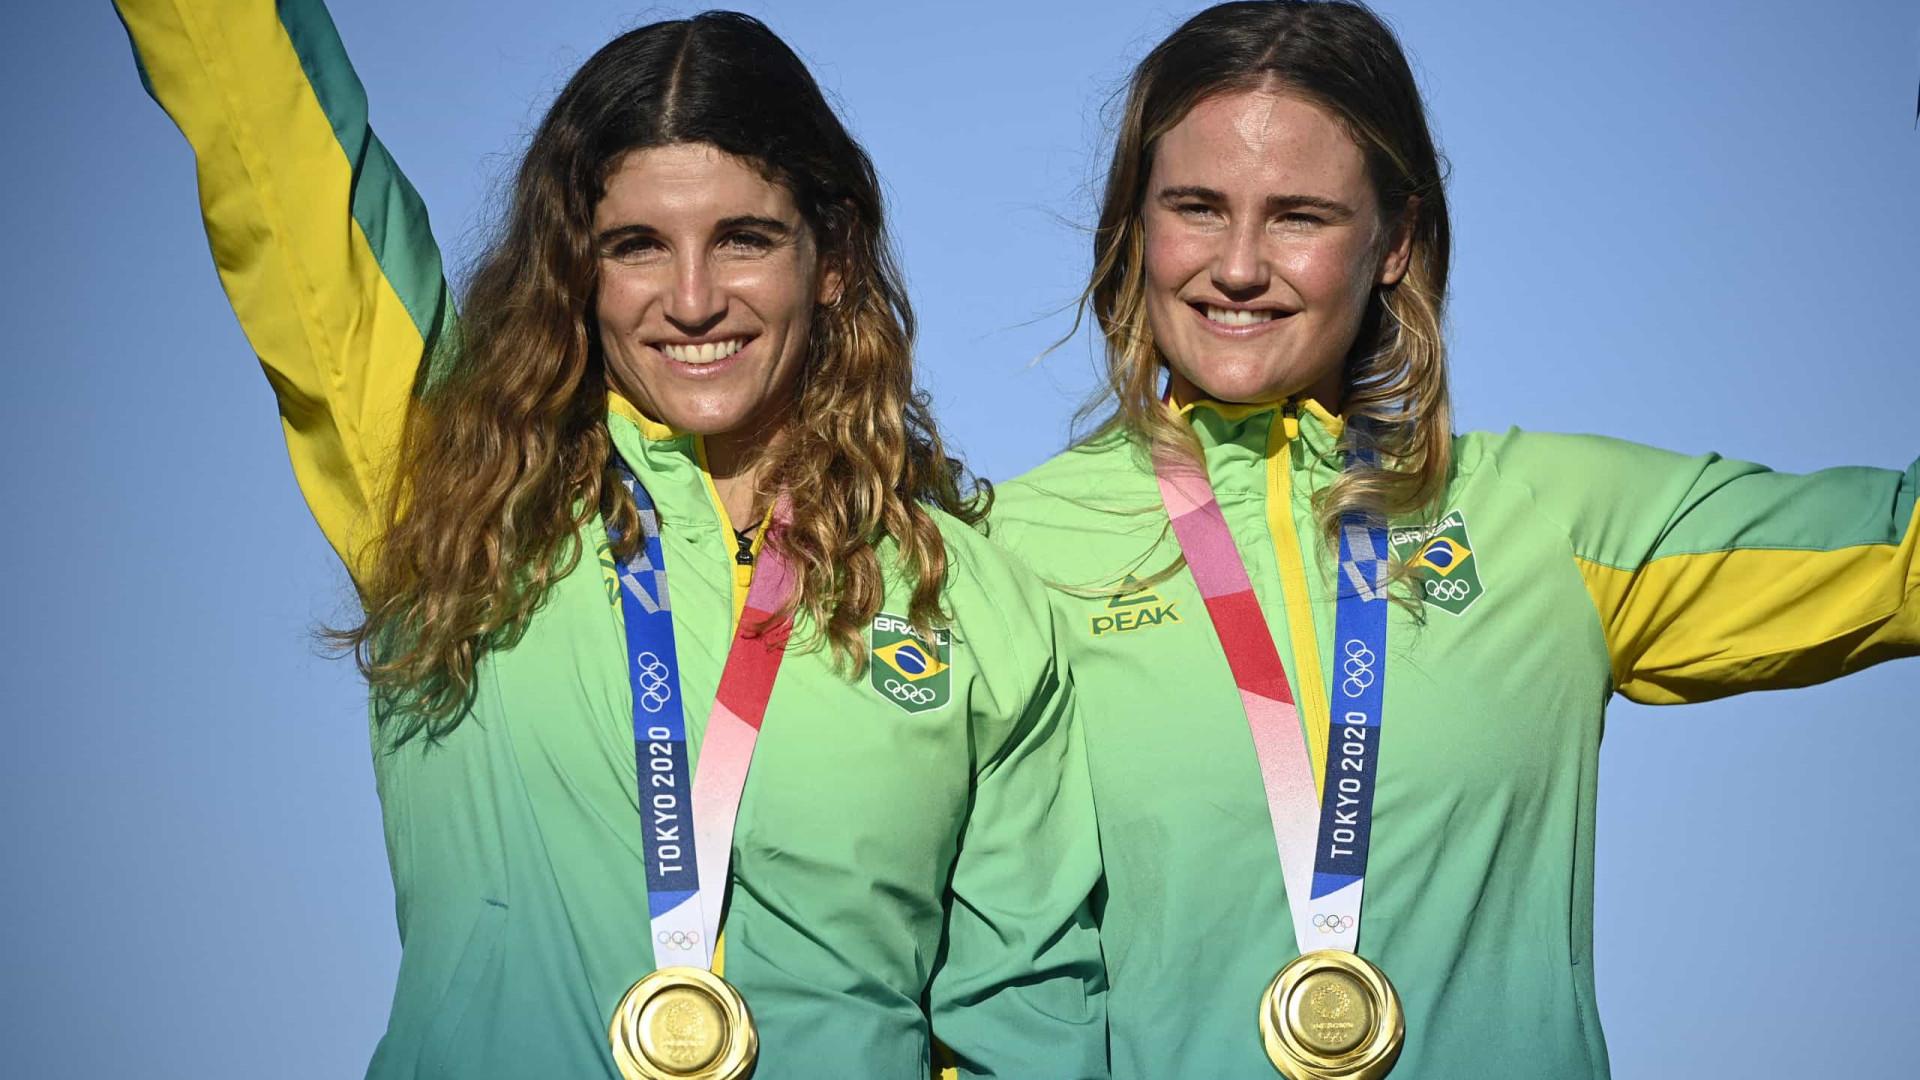 'Sou do Rio, de Niterói, sabemos que a corrente favorece um lado', diz Martine sobre tática do ouro